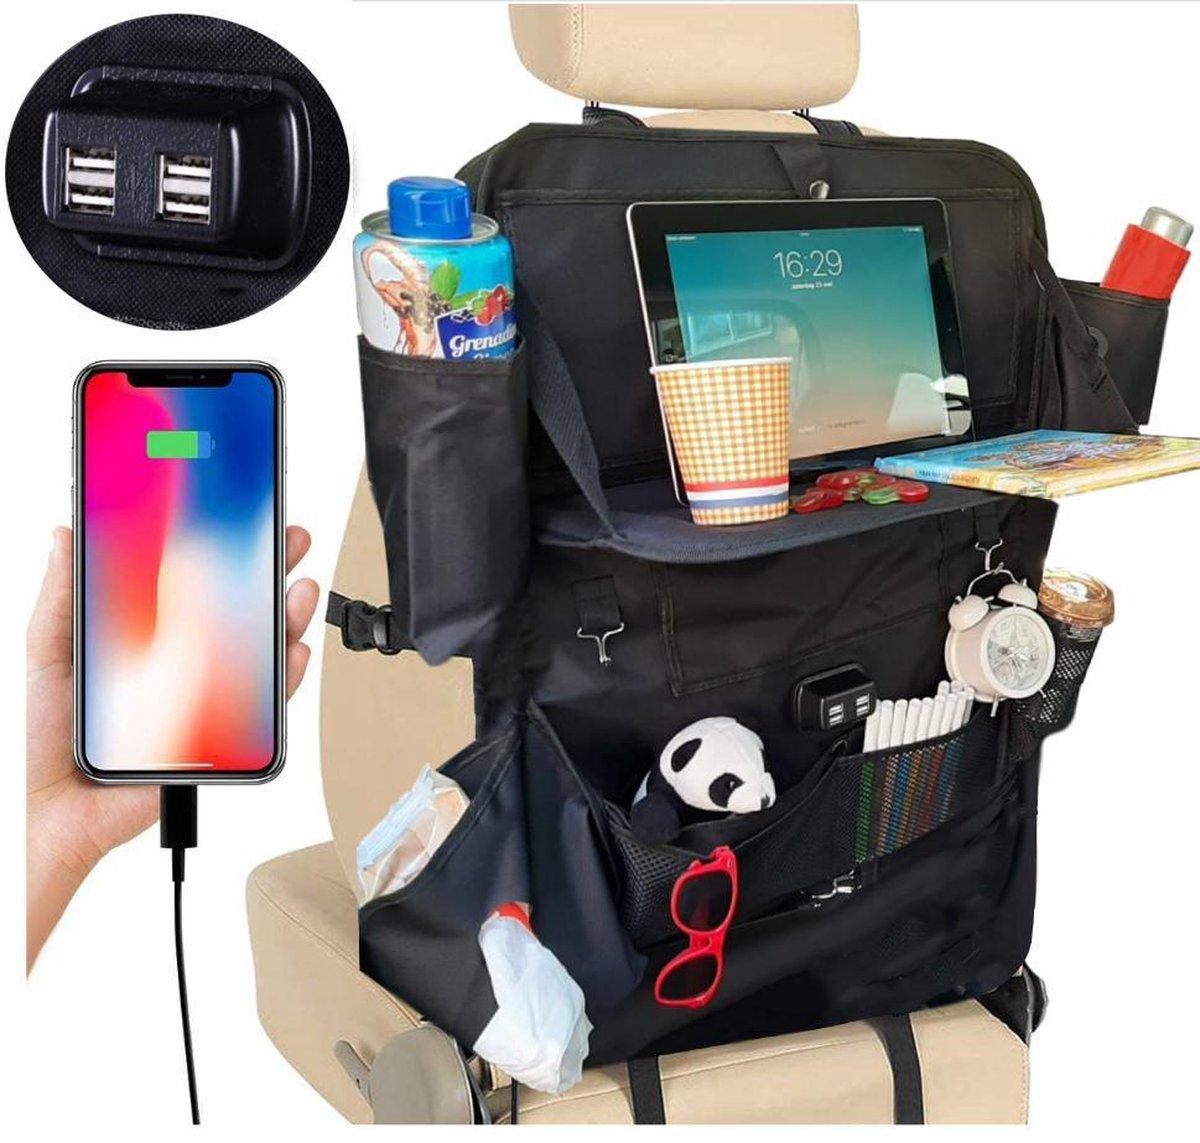 Luxergoods Autostoel Organizer met Tablet Houder- Met uitklapbare laptophouder - Nieuw 2021 Model -